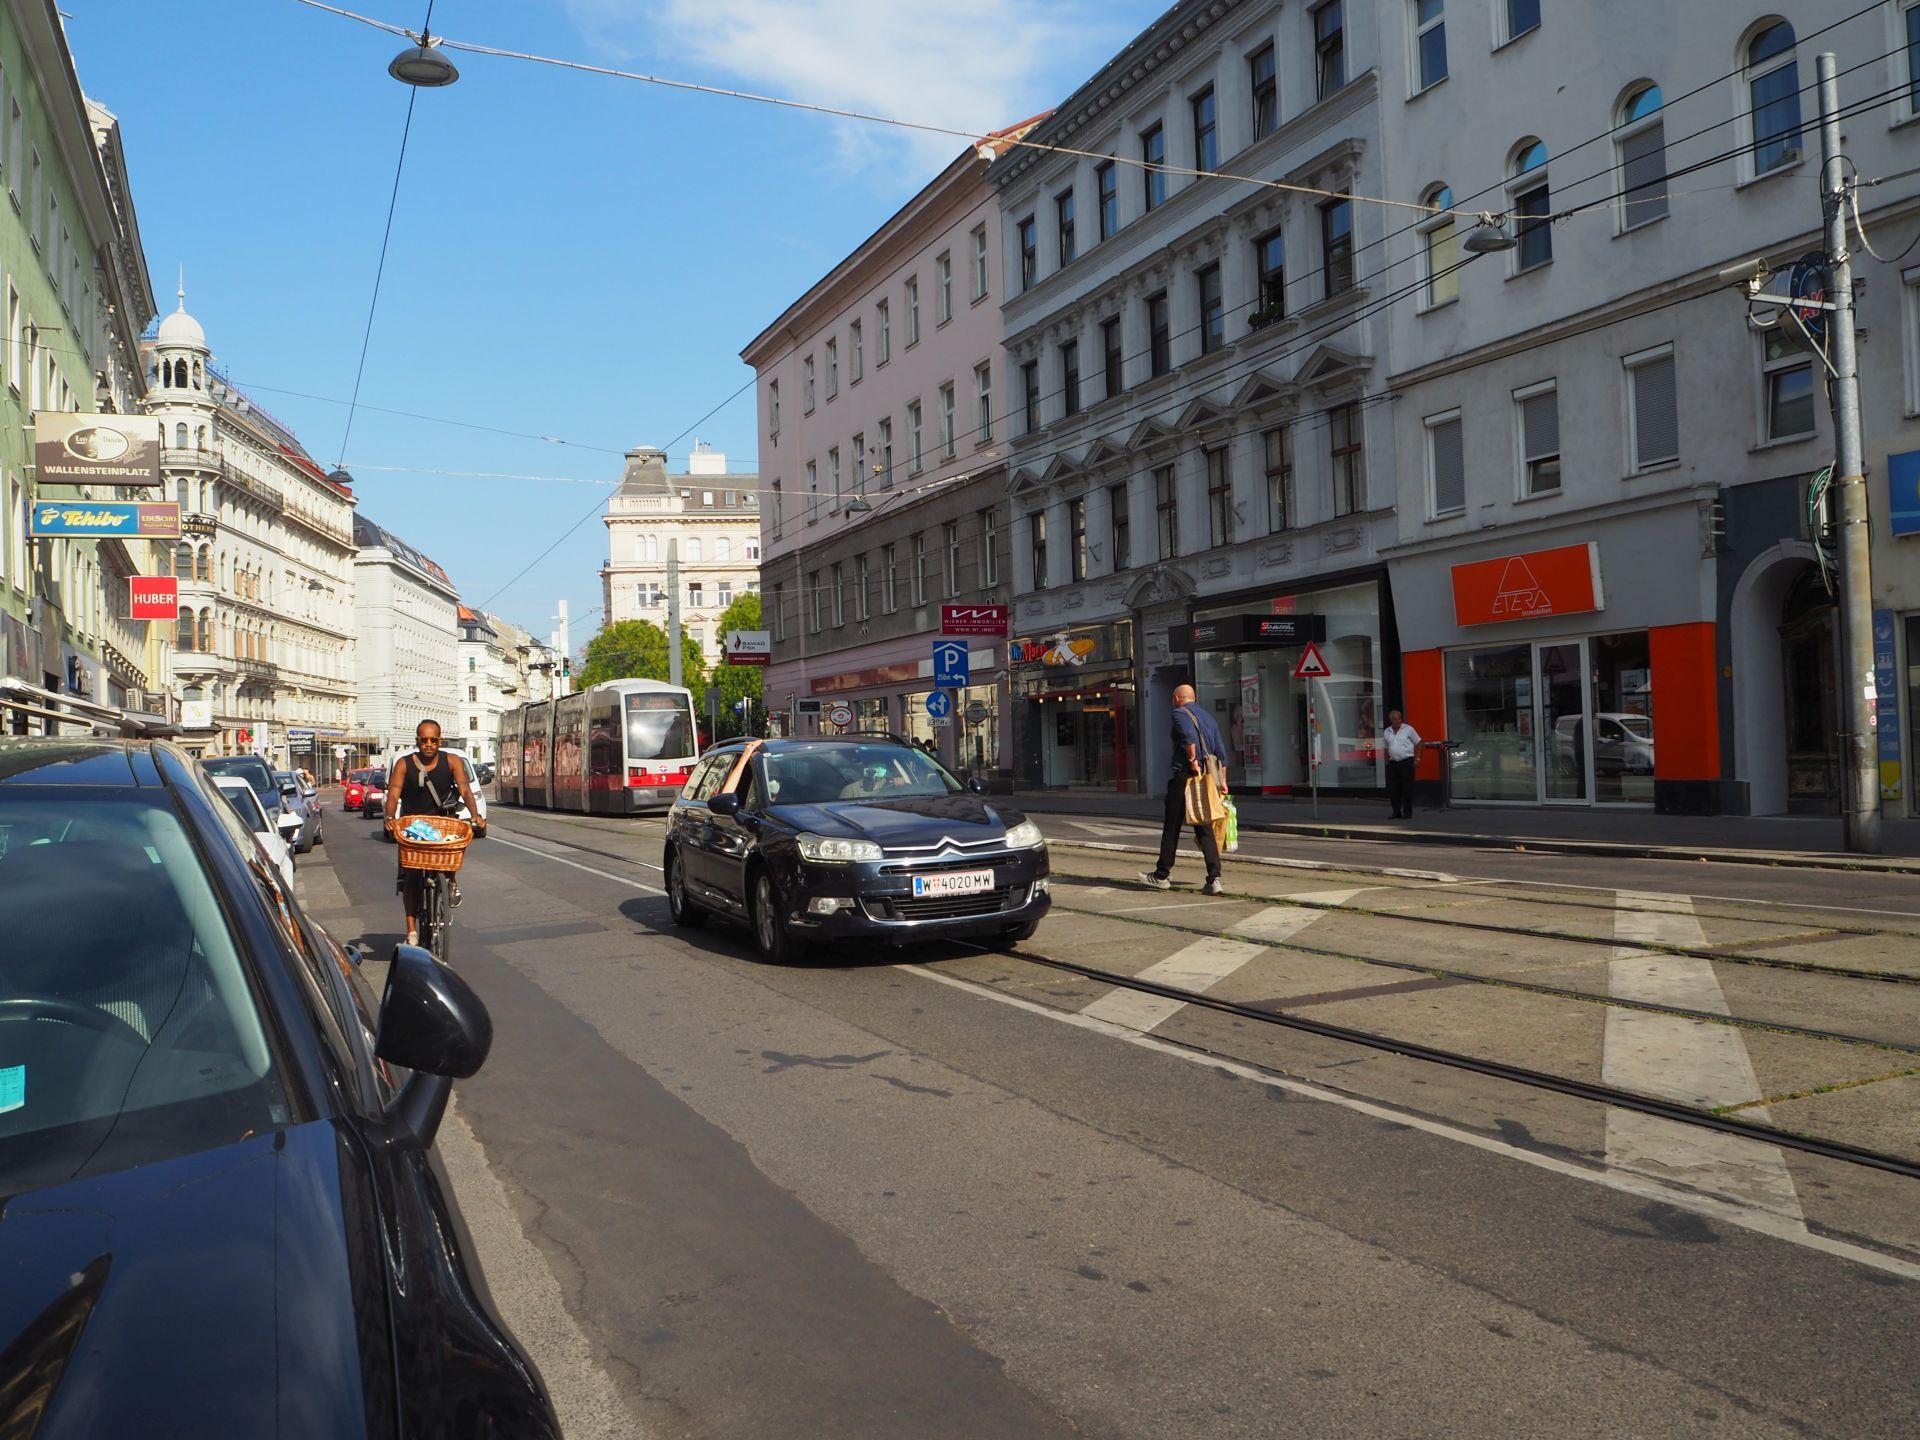 Wallensteinstraße